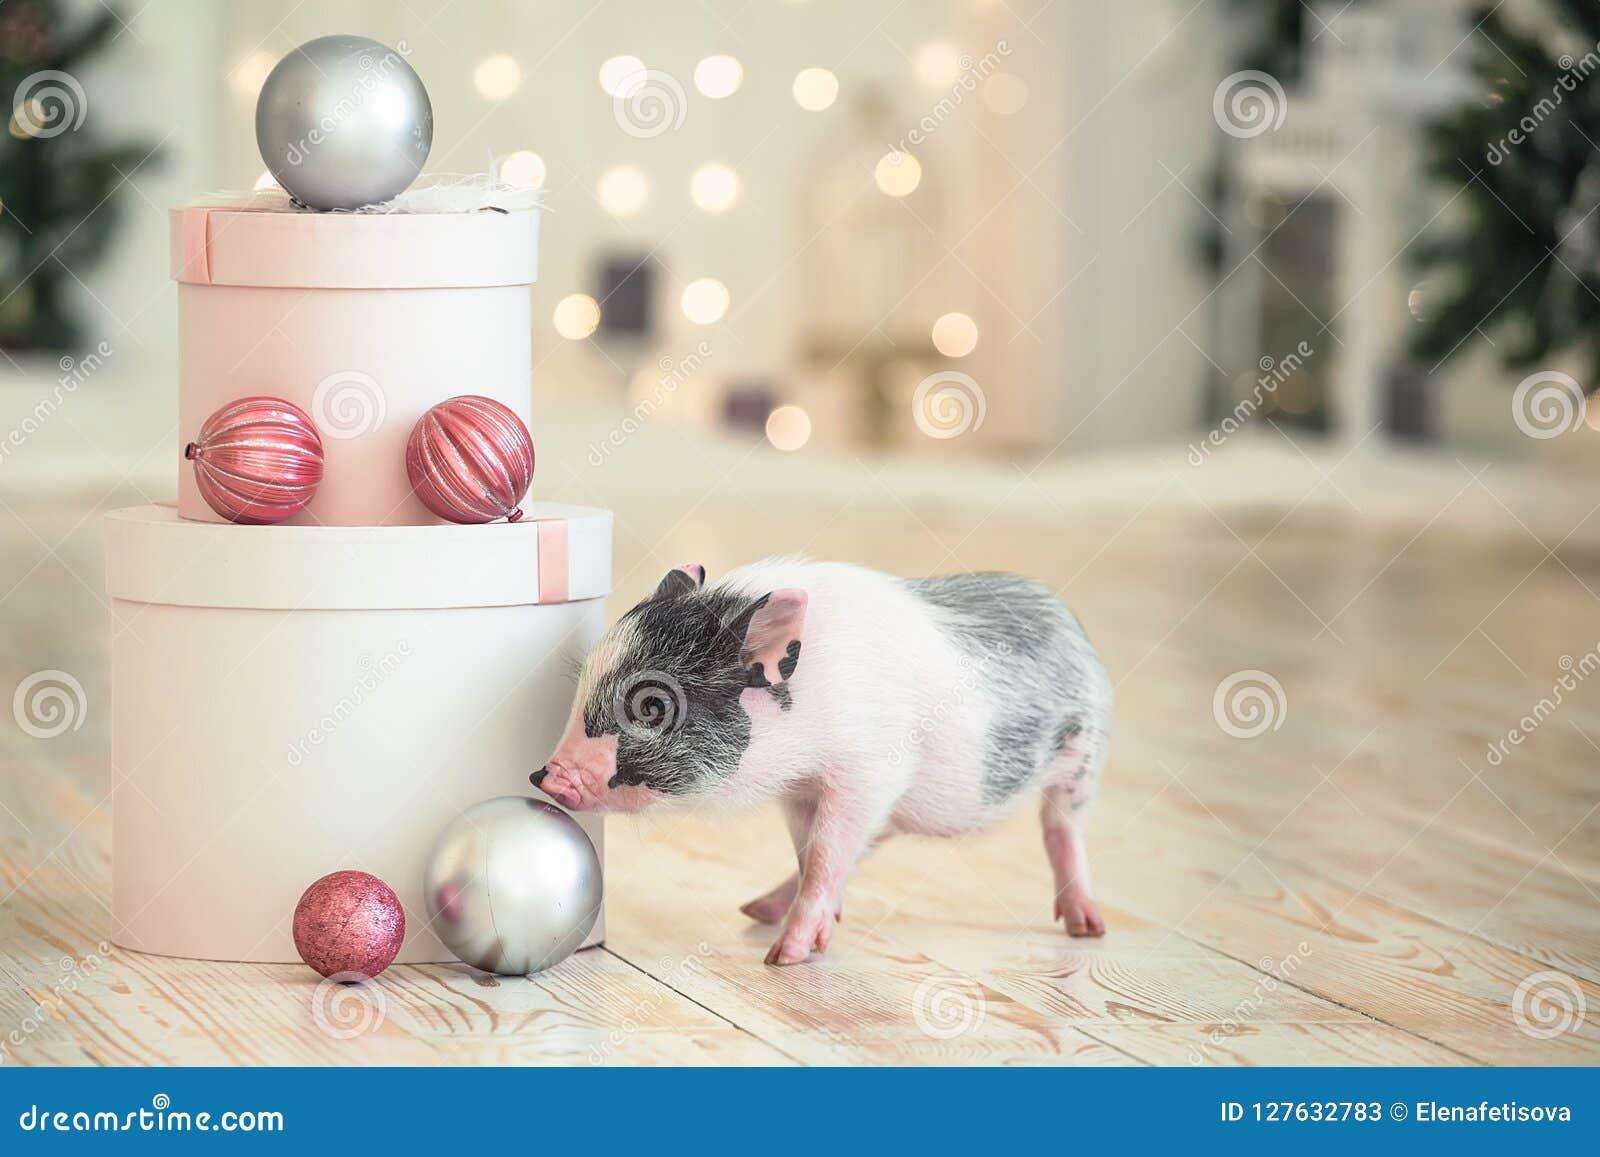 Cajas de la Navidad redondas grandes al lado de un pequeño cerdo manchado, un símbolo del Año Nuevo